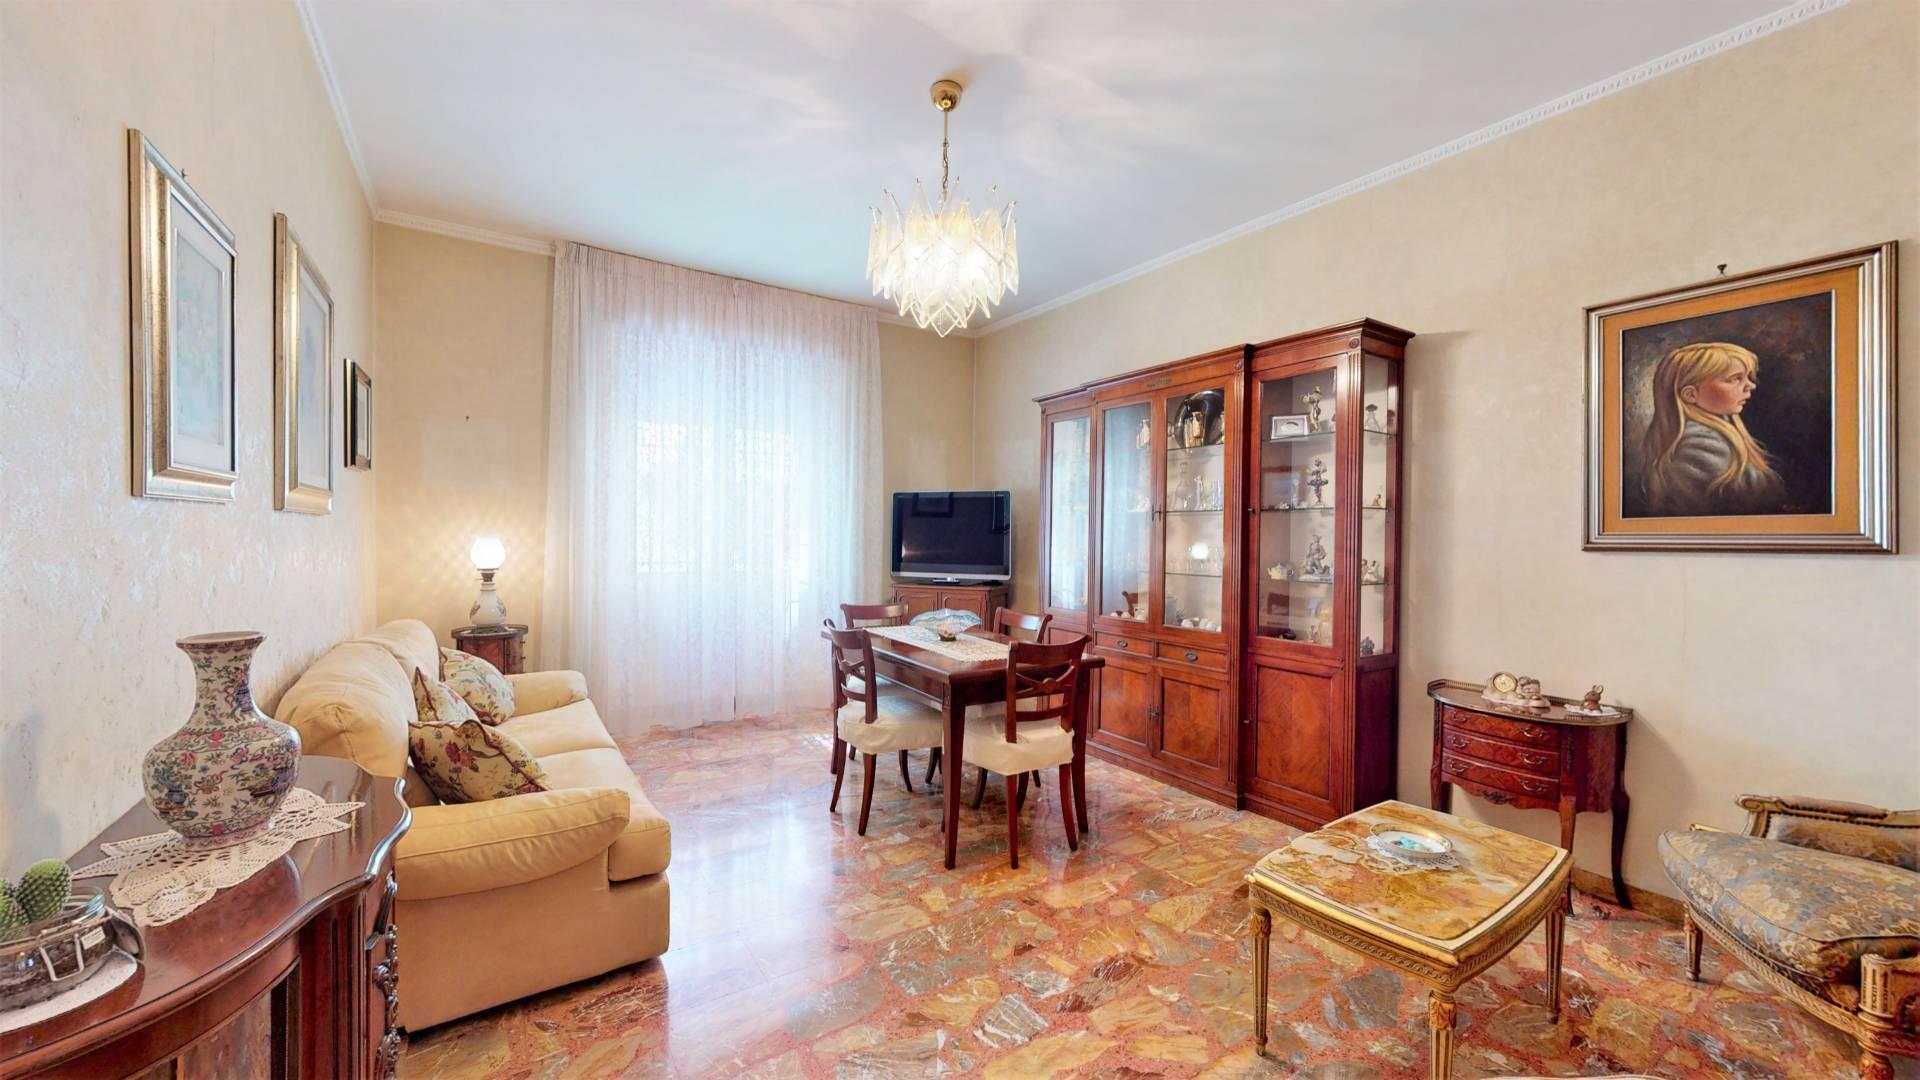 Appartamento in vendita a Roma, 3 locali, zona Zona: 10 . Pigneto, Largo Preneste, prezzo € 255.000 | CambioCasa.it